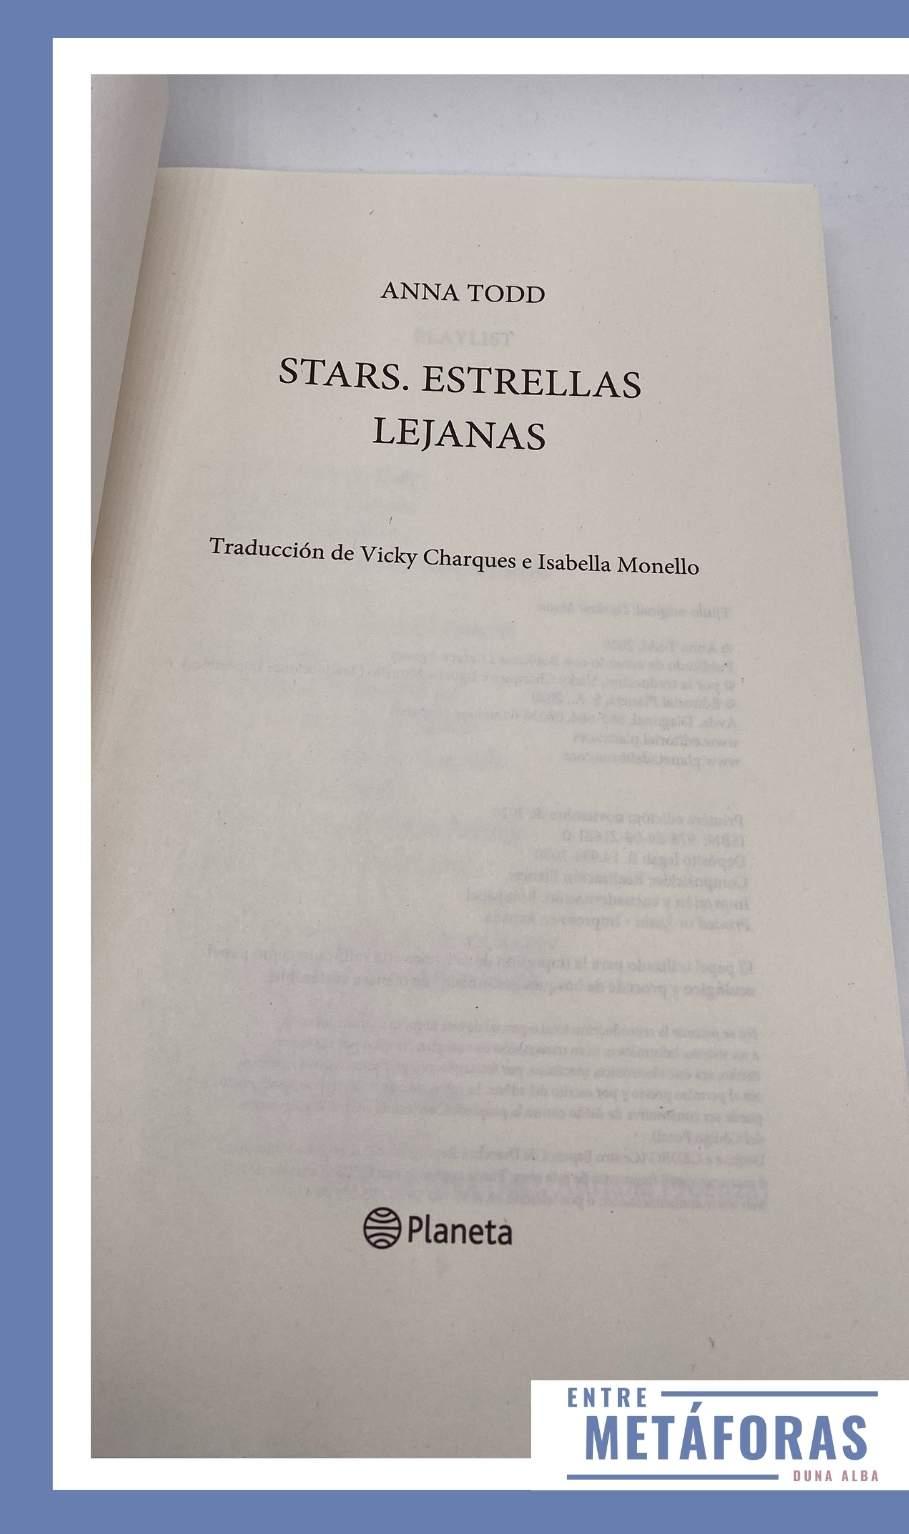 Stars, Estrellas lejanas, de Anna Todd